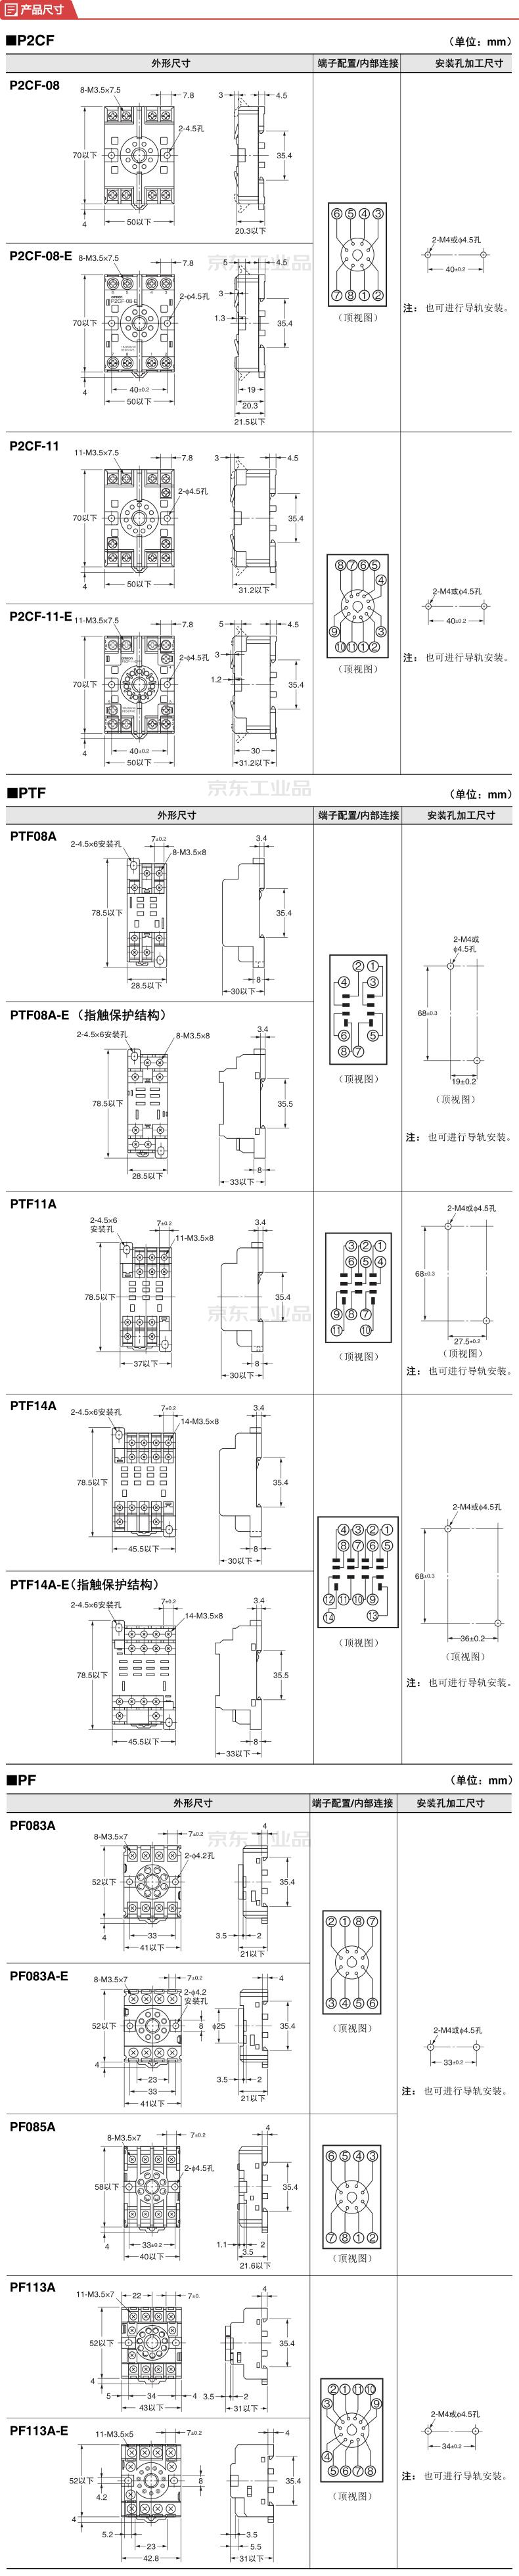 欧姆龙 共用插座/DIN导轨相关产品,方形插座,50个/盒;PTF08A-E BY OMI